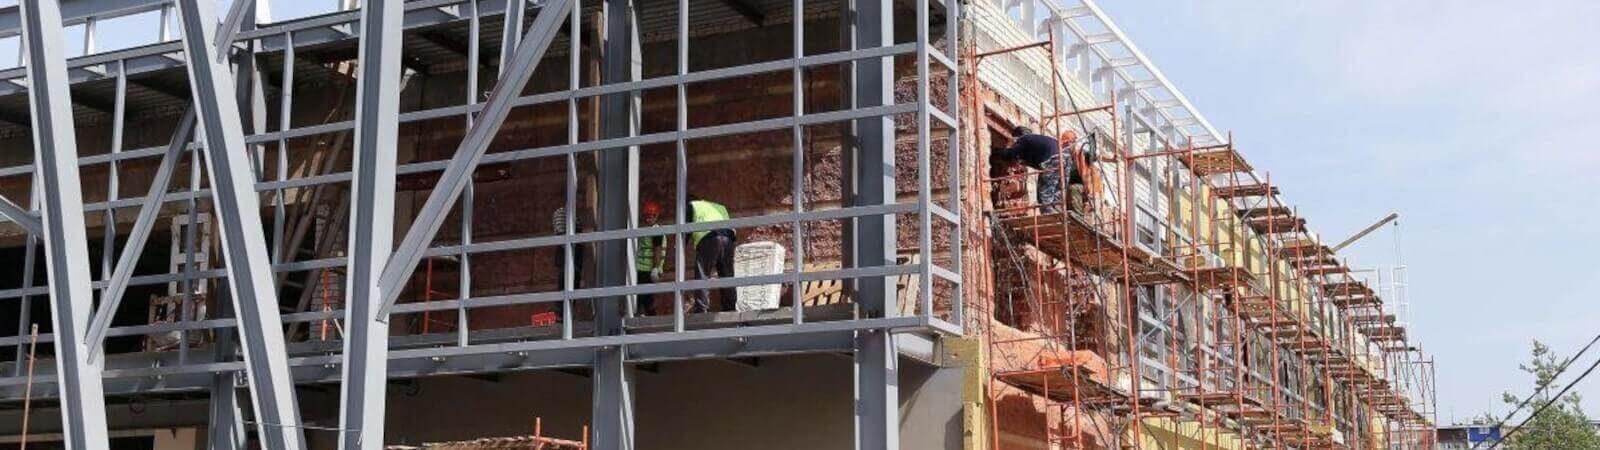 Як виконується реконструкція будівлі